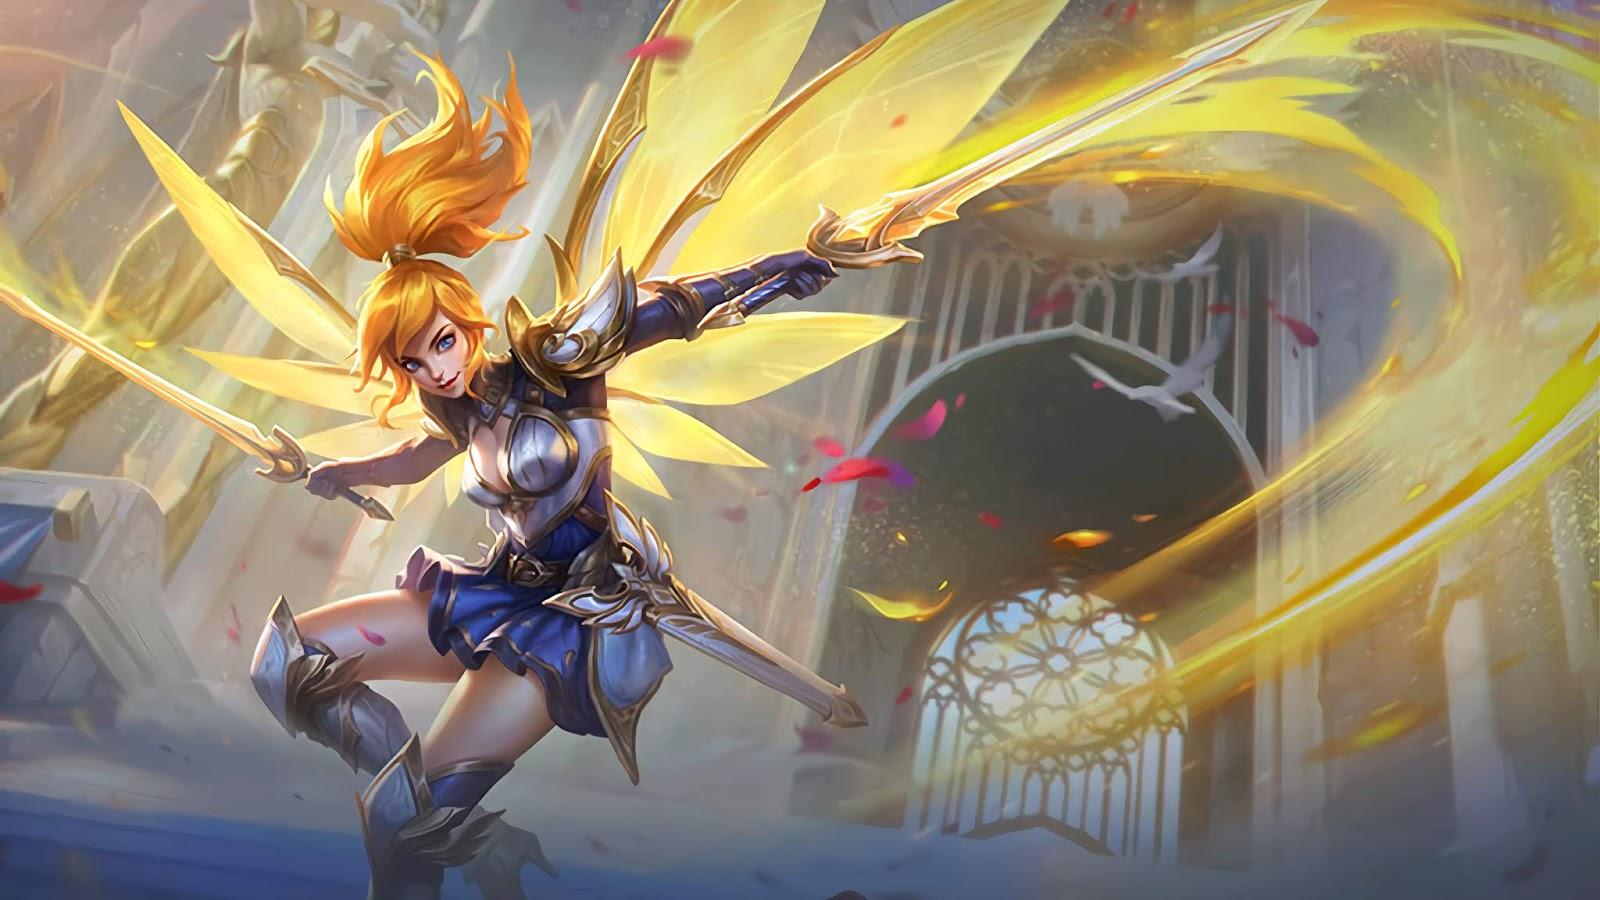 Wallpaper Fanny Lightborn Ranger Skin Mobile Legends Full HD for PC